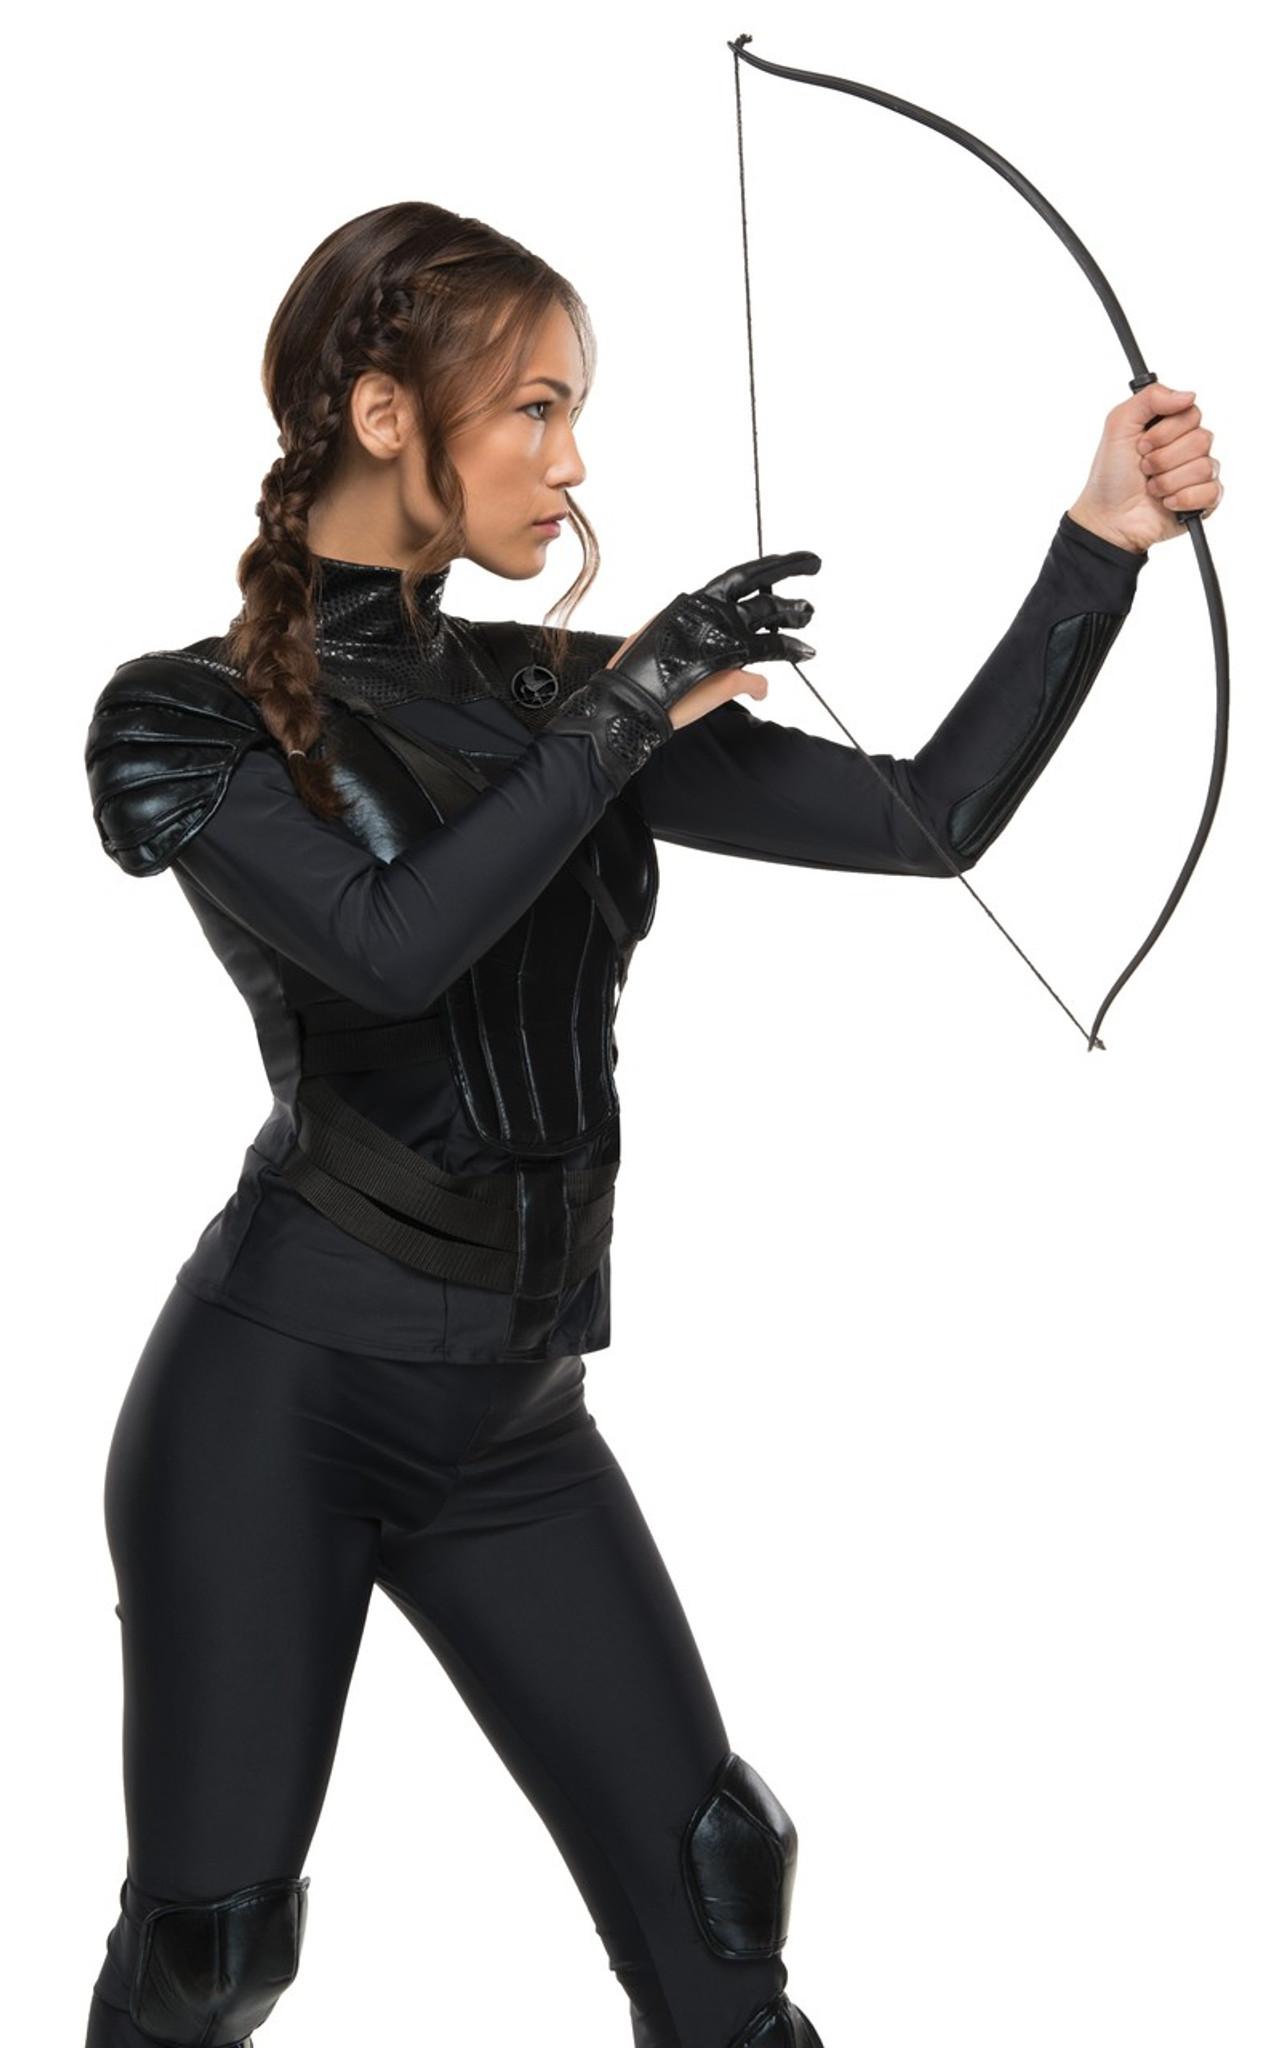 Katniss Everdeen Archer S Gloves The Hunger Games Imaginations